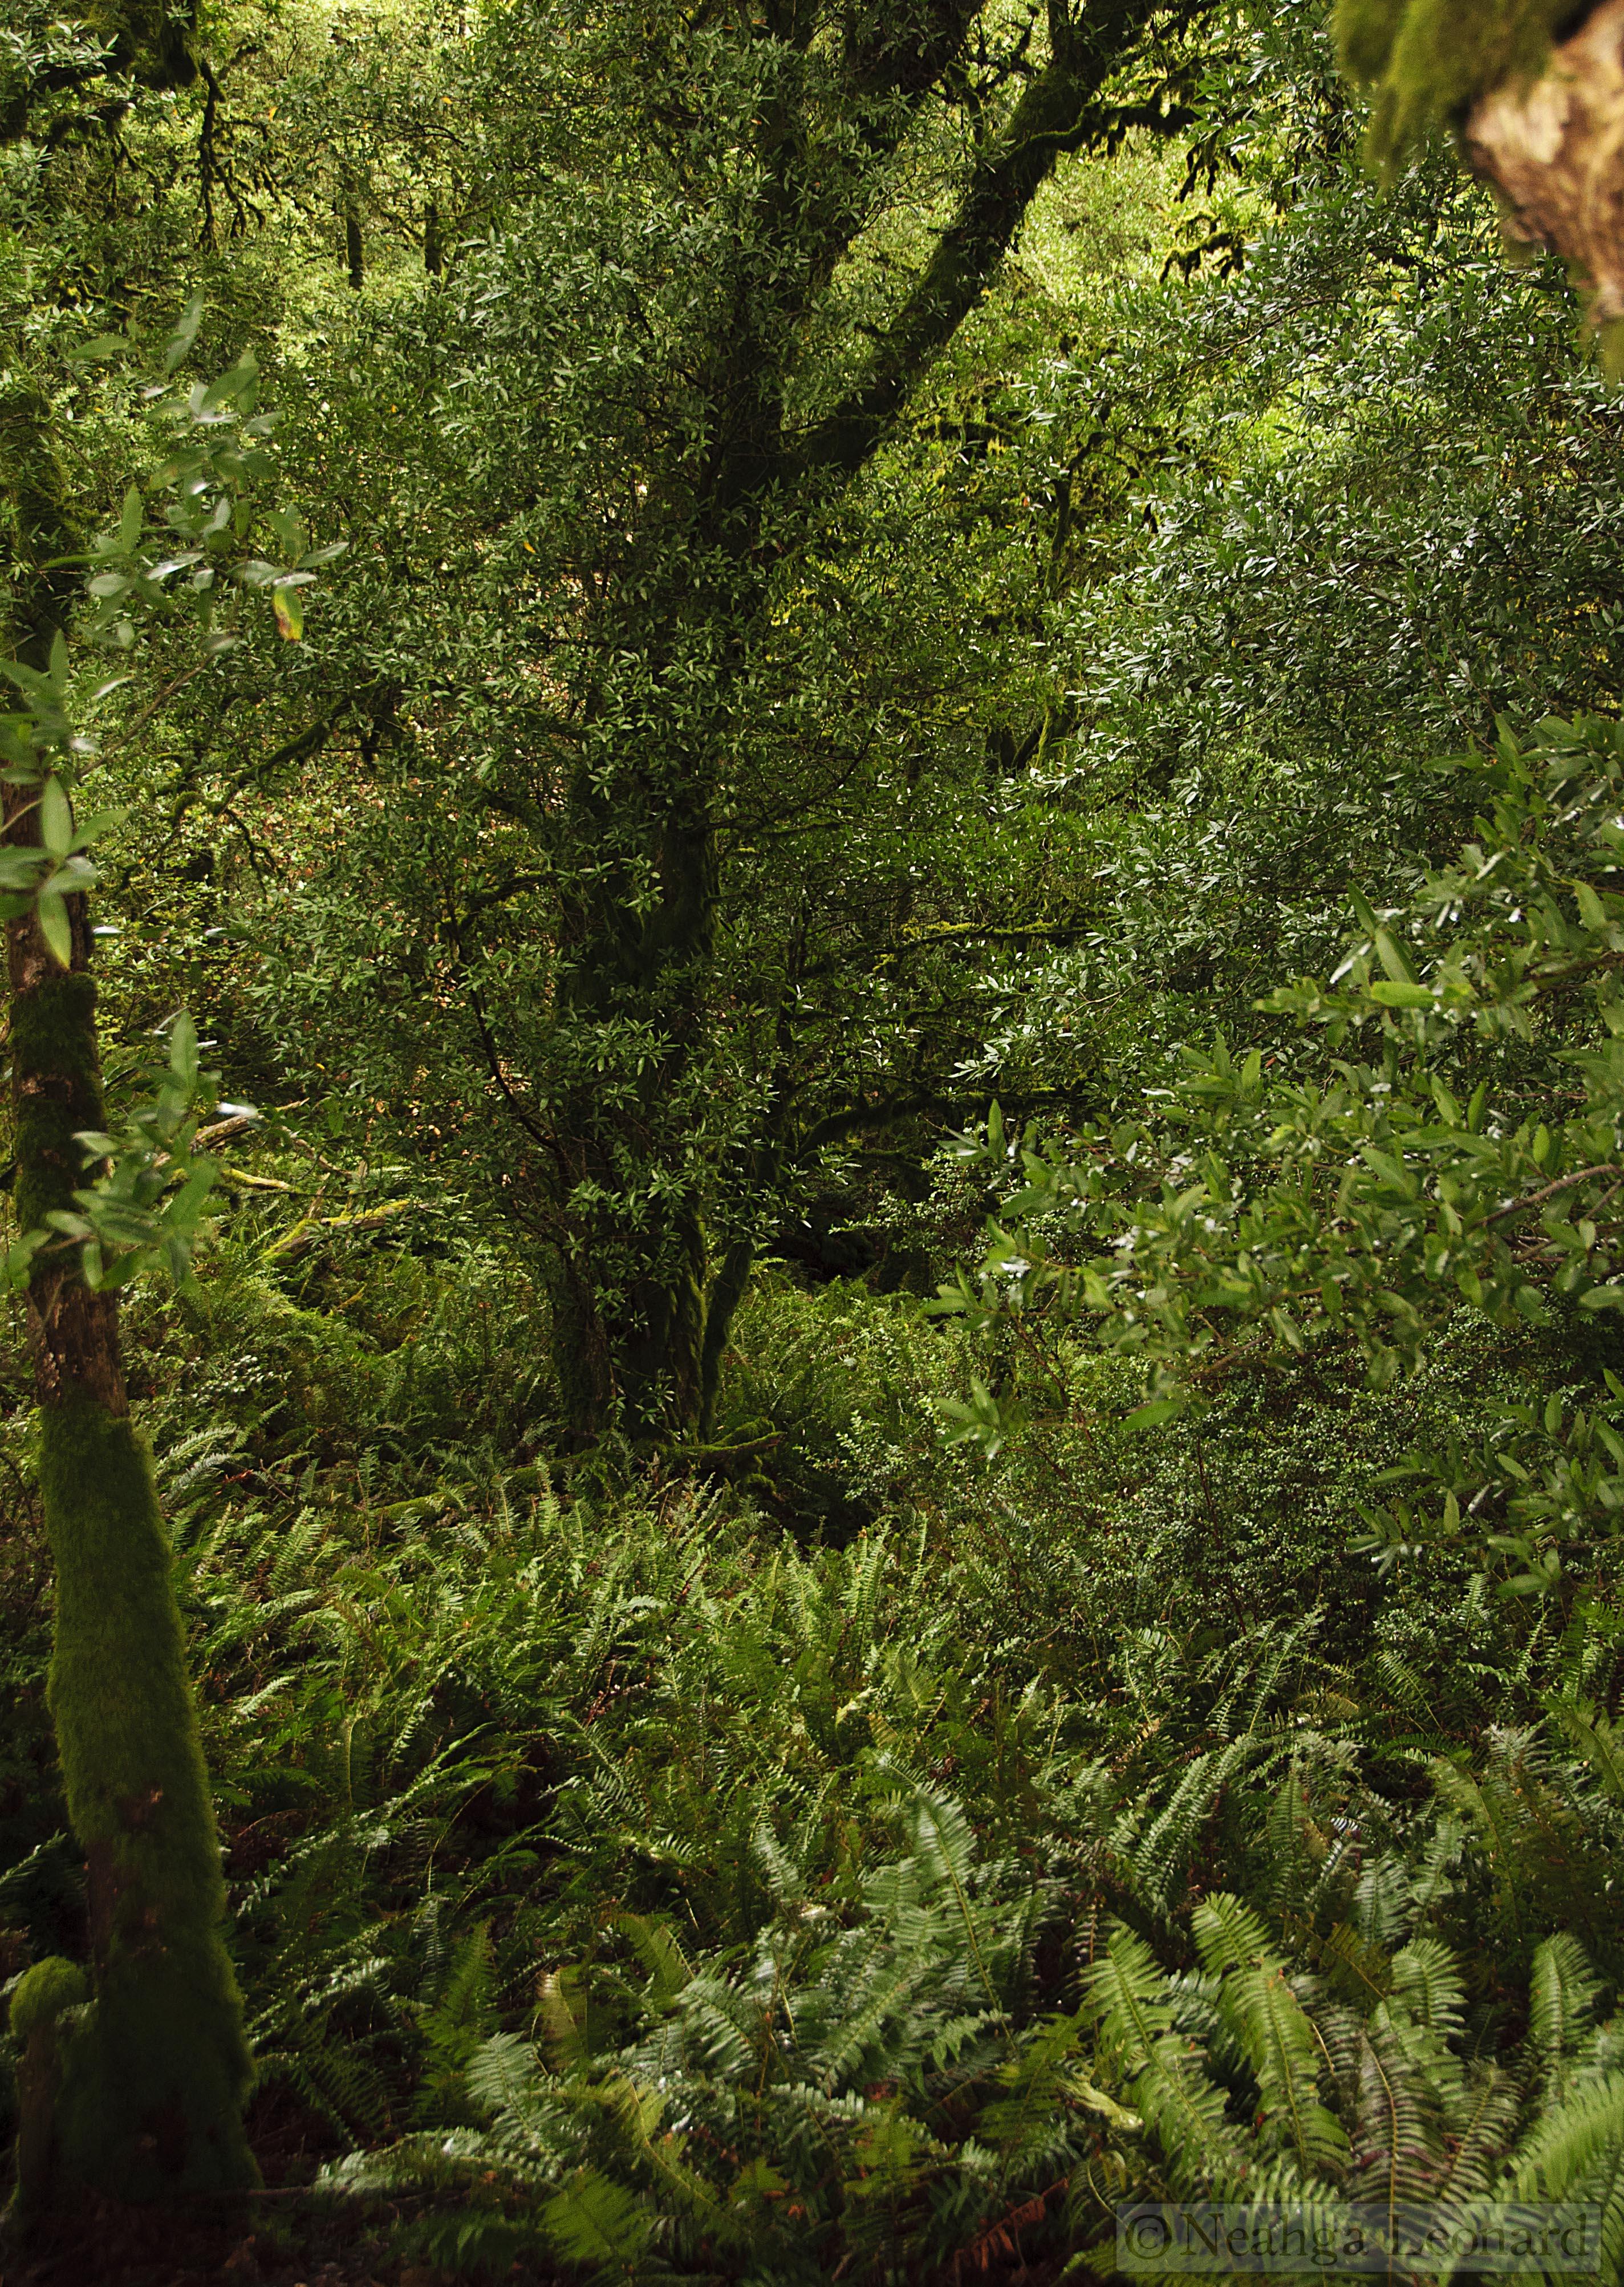 denseforest.jpg